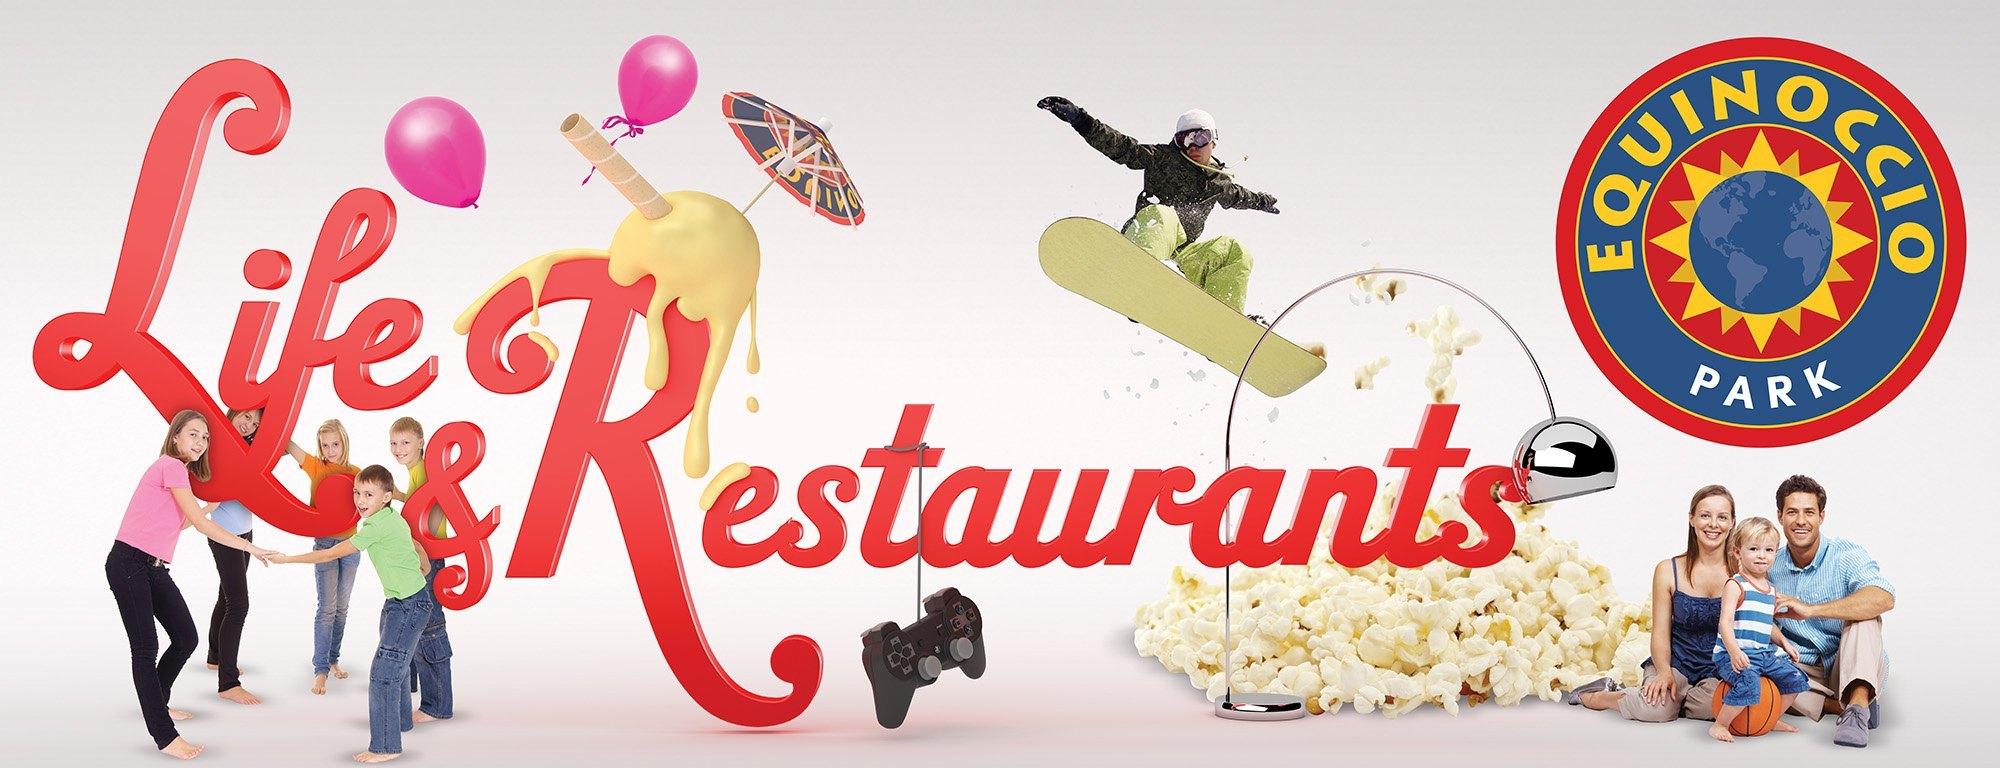 life_&_restaurants_final_low_